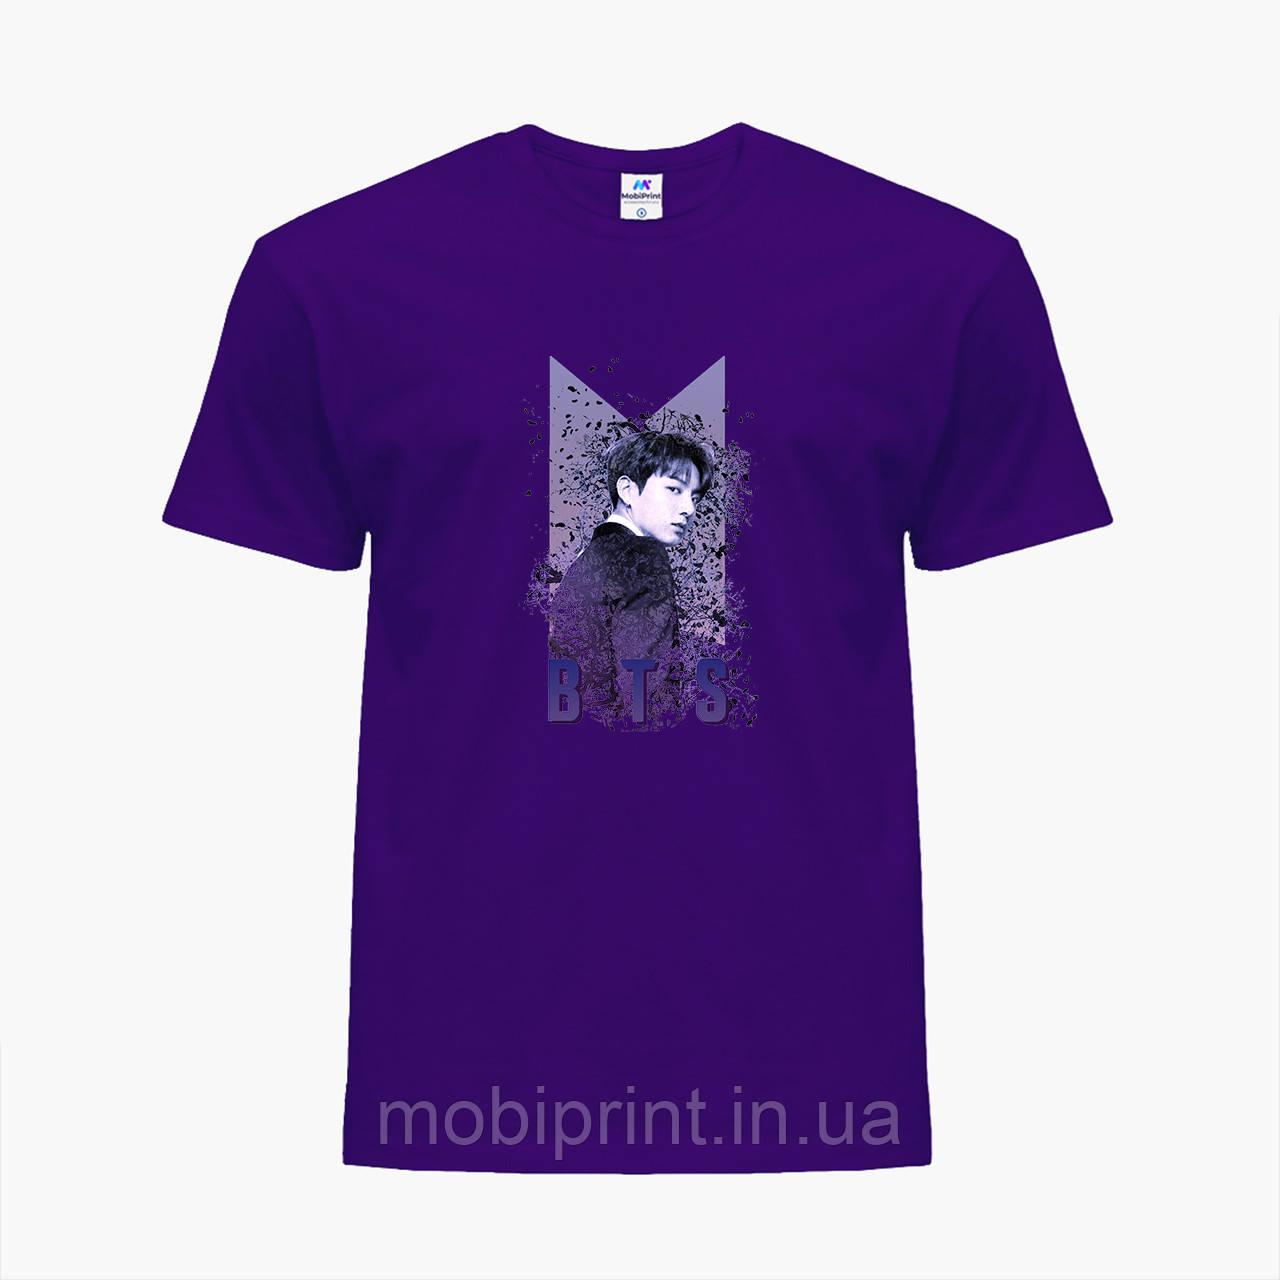 Детская футболка для девочек БТС (BTS) (25186-1065) Фиолетовый